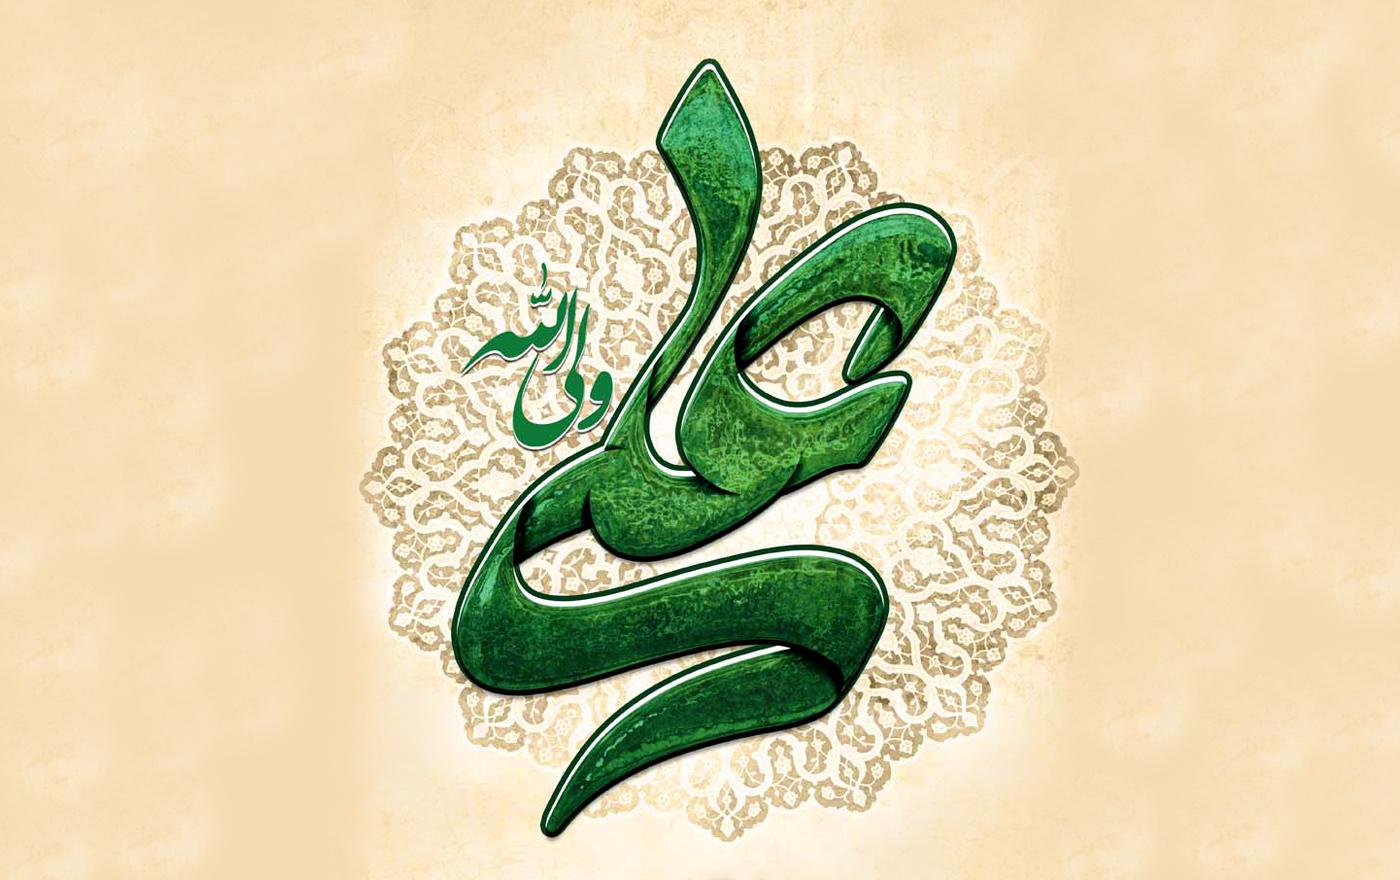 سفارش حضرت علی( علیه السلام ) درباره به دست آوردن مکارم اخلاق